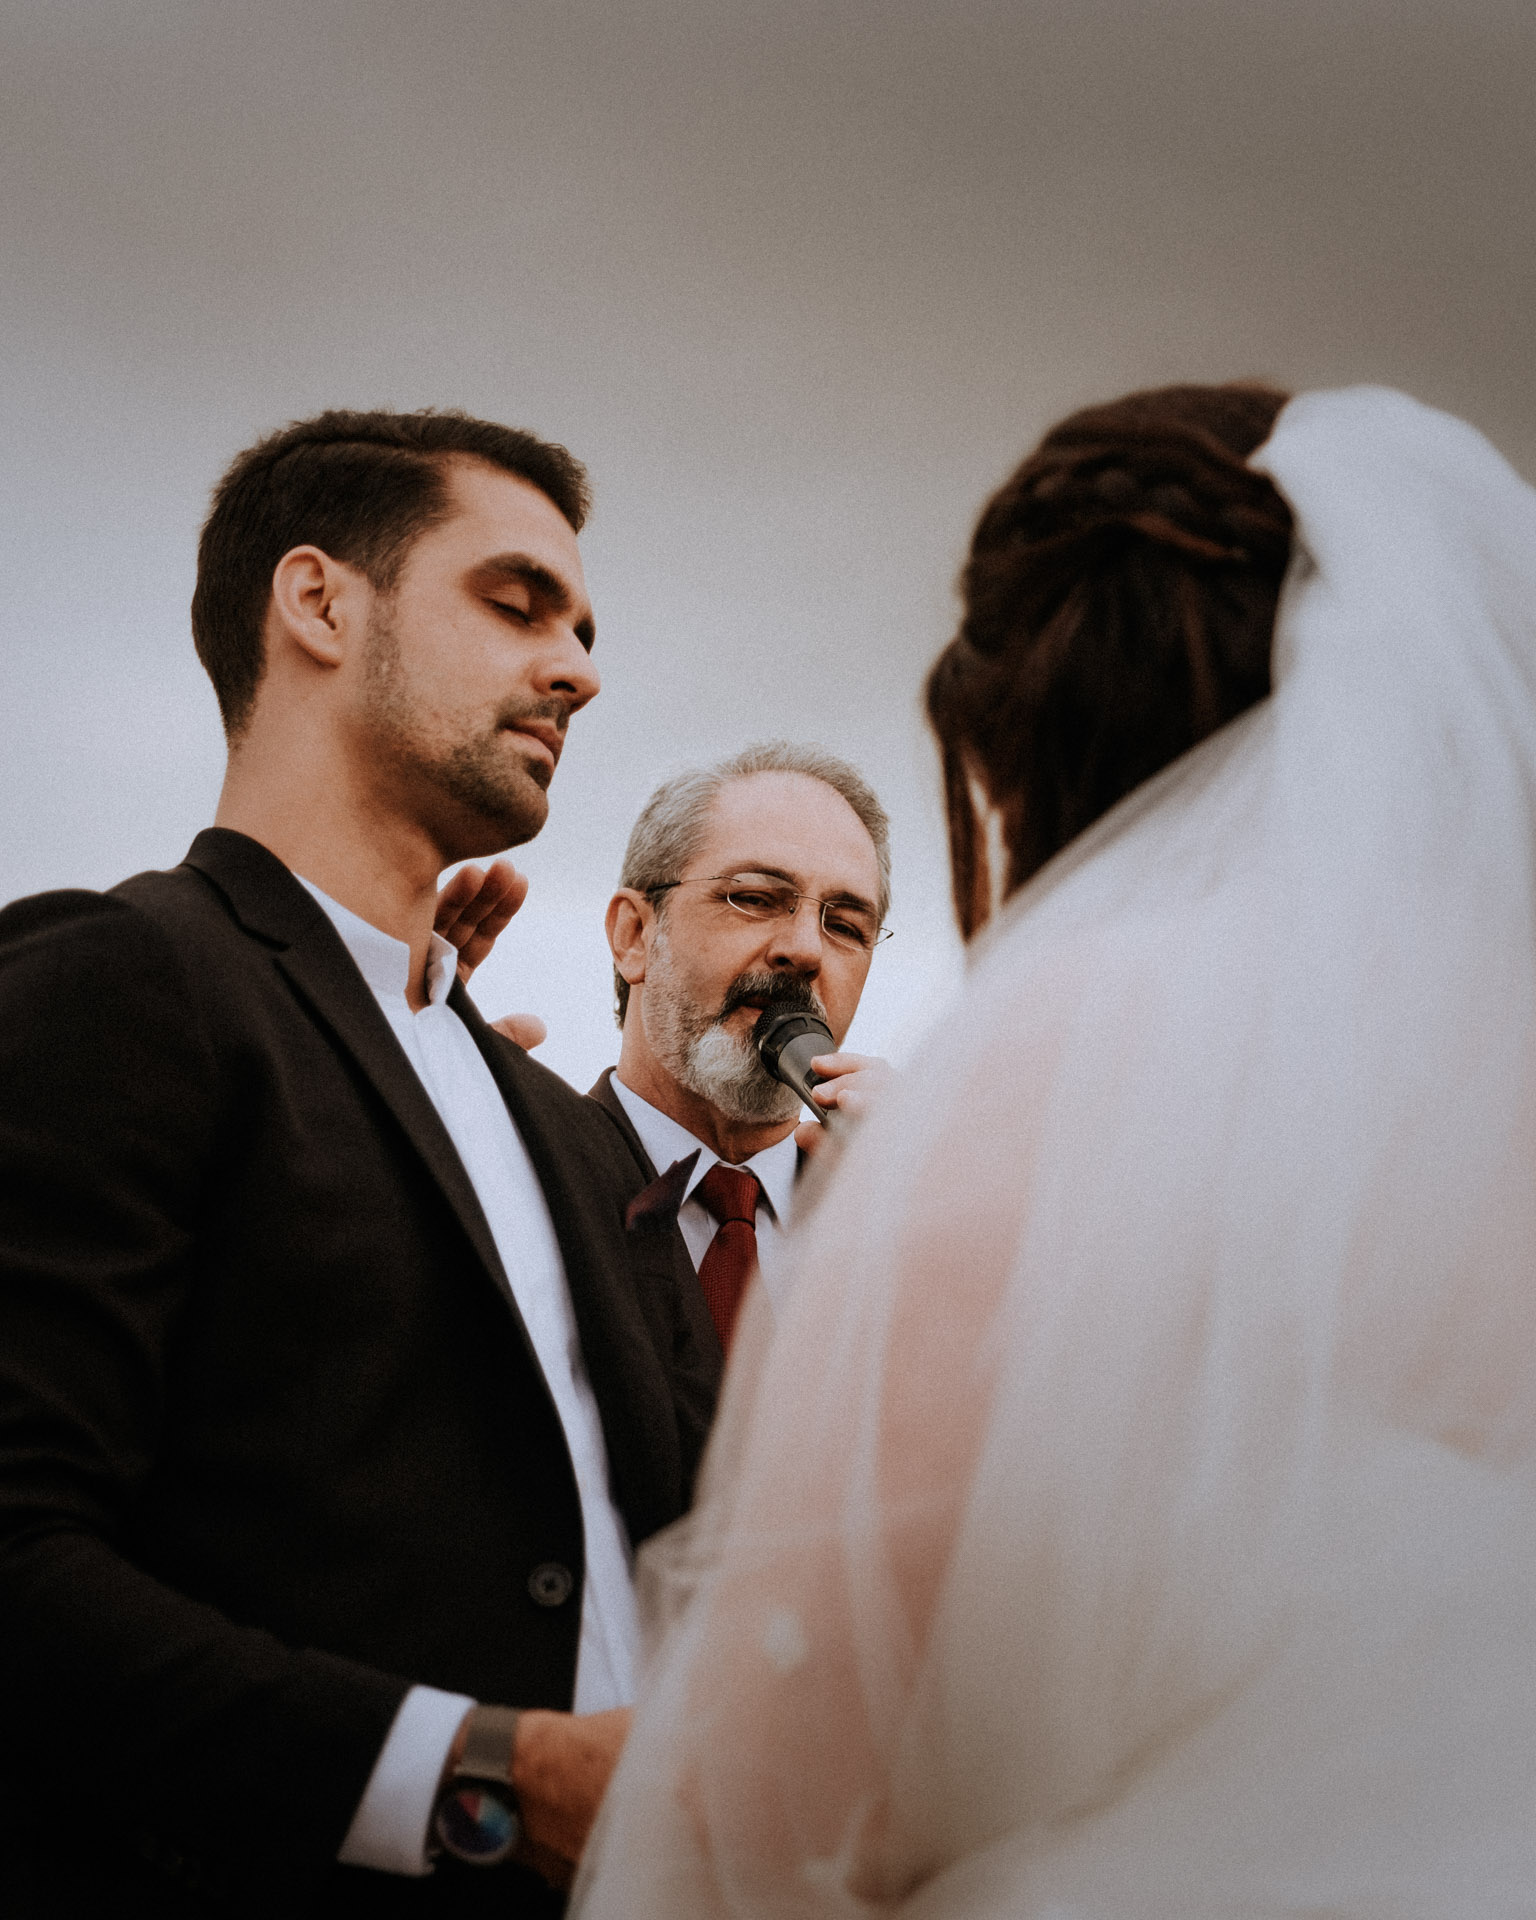 s+j_top_wedding_kings & thieves_insta - 261.jpg